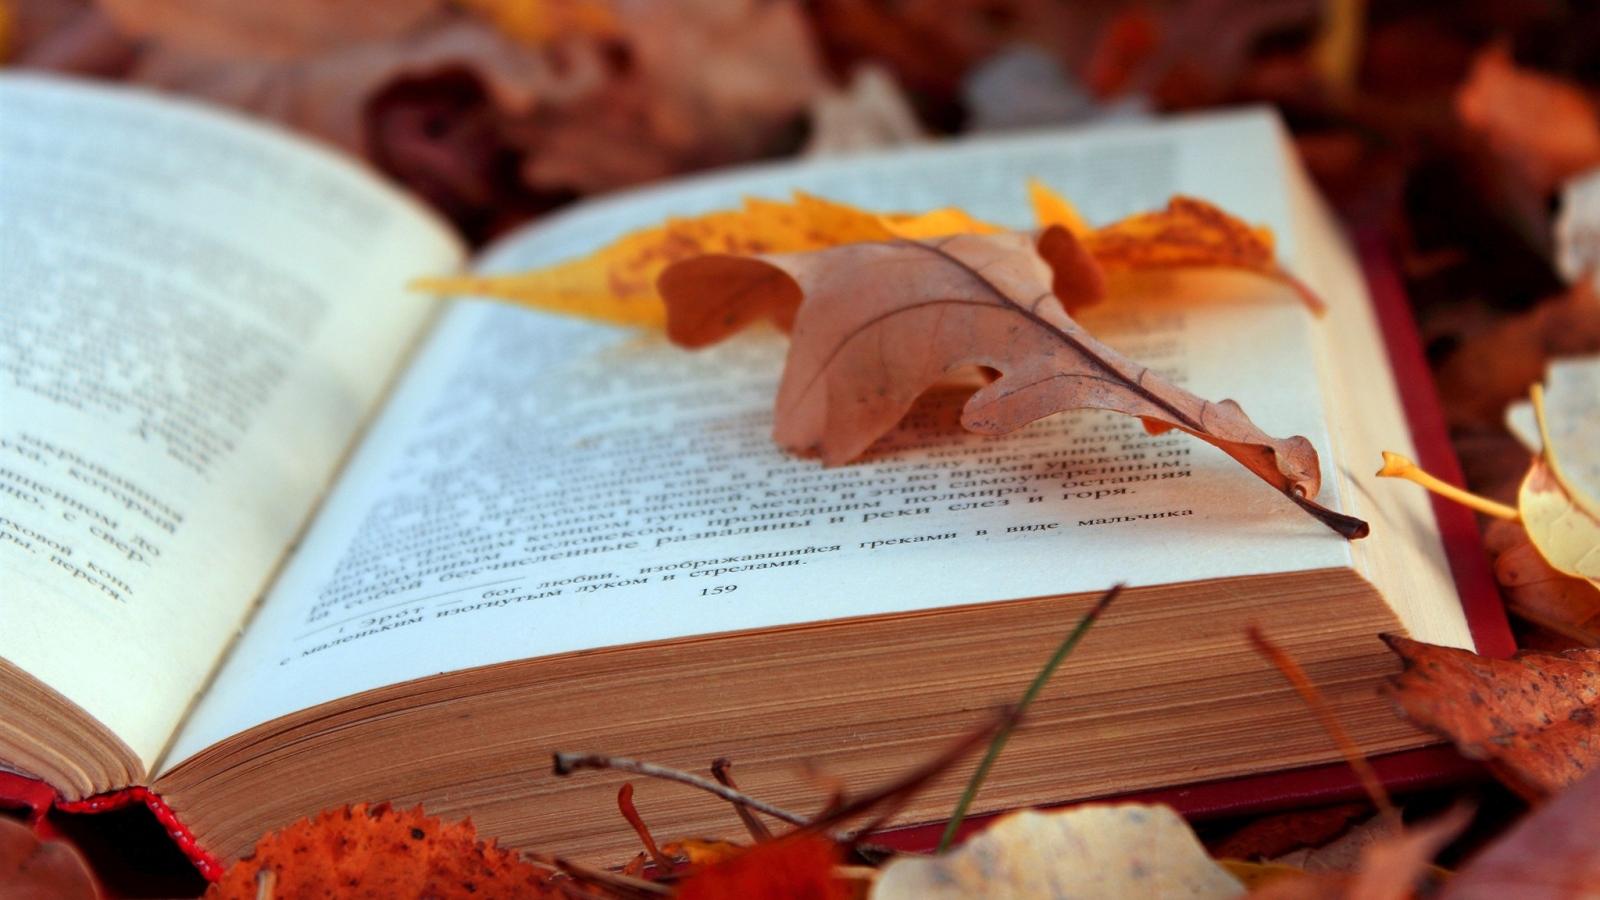 腹有诗书气自华:你读什么书,就有什么气场